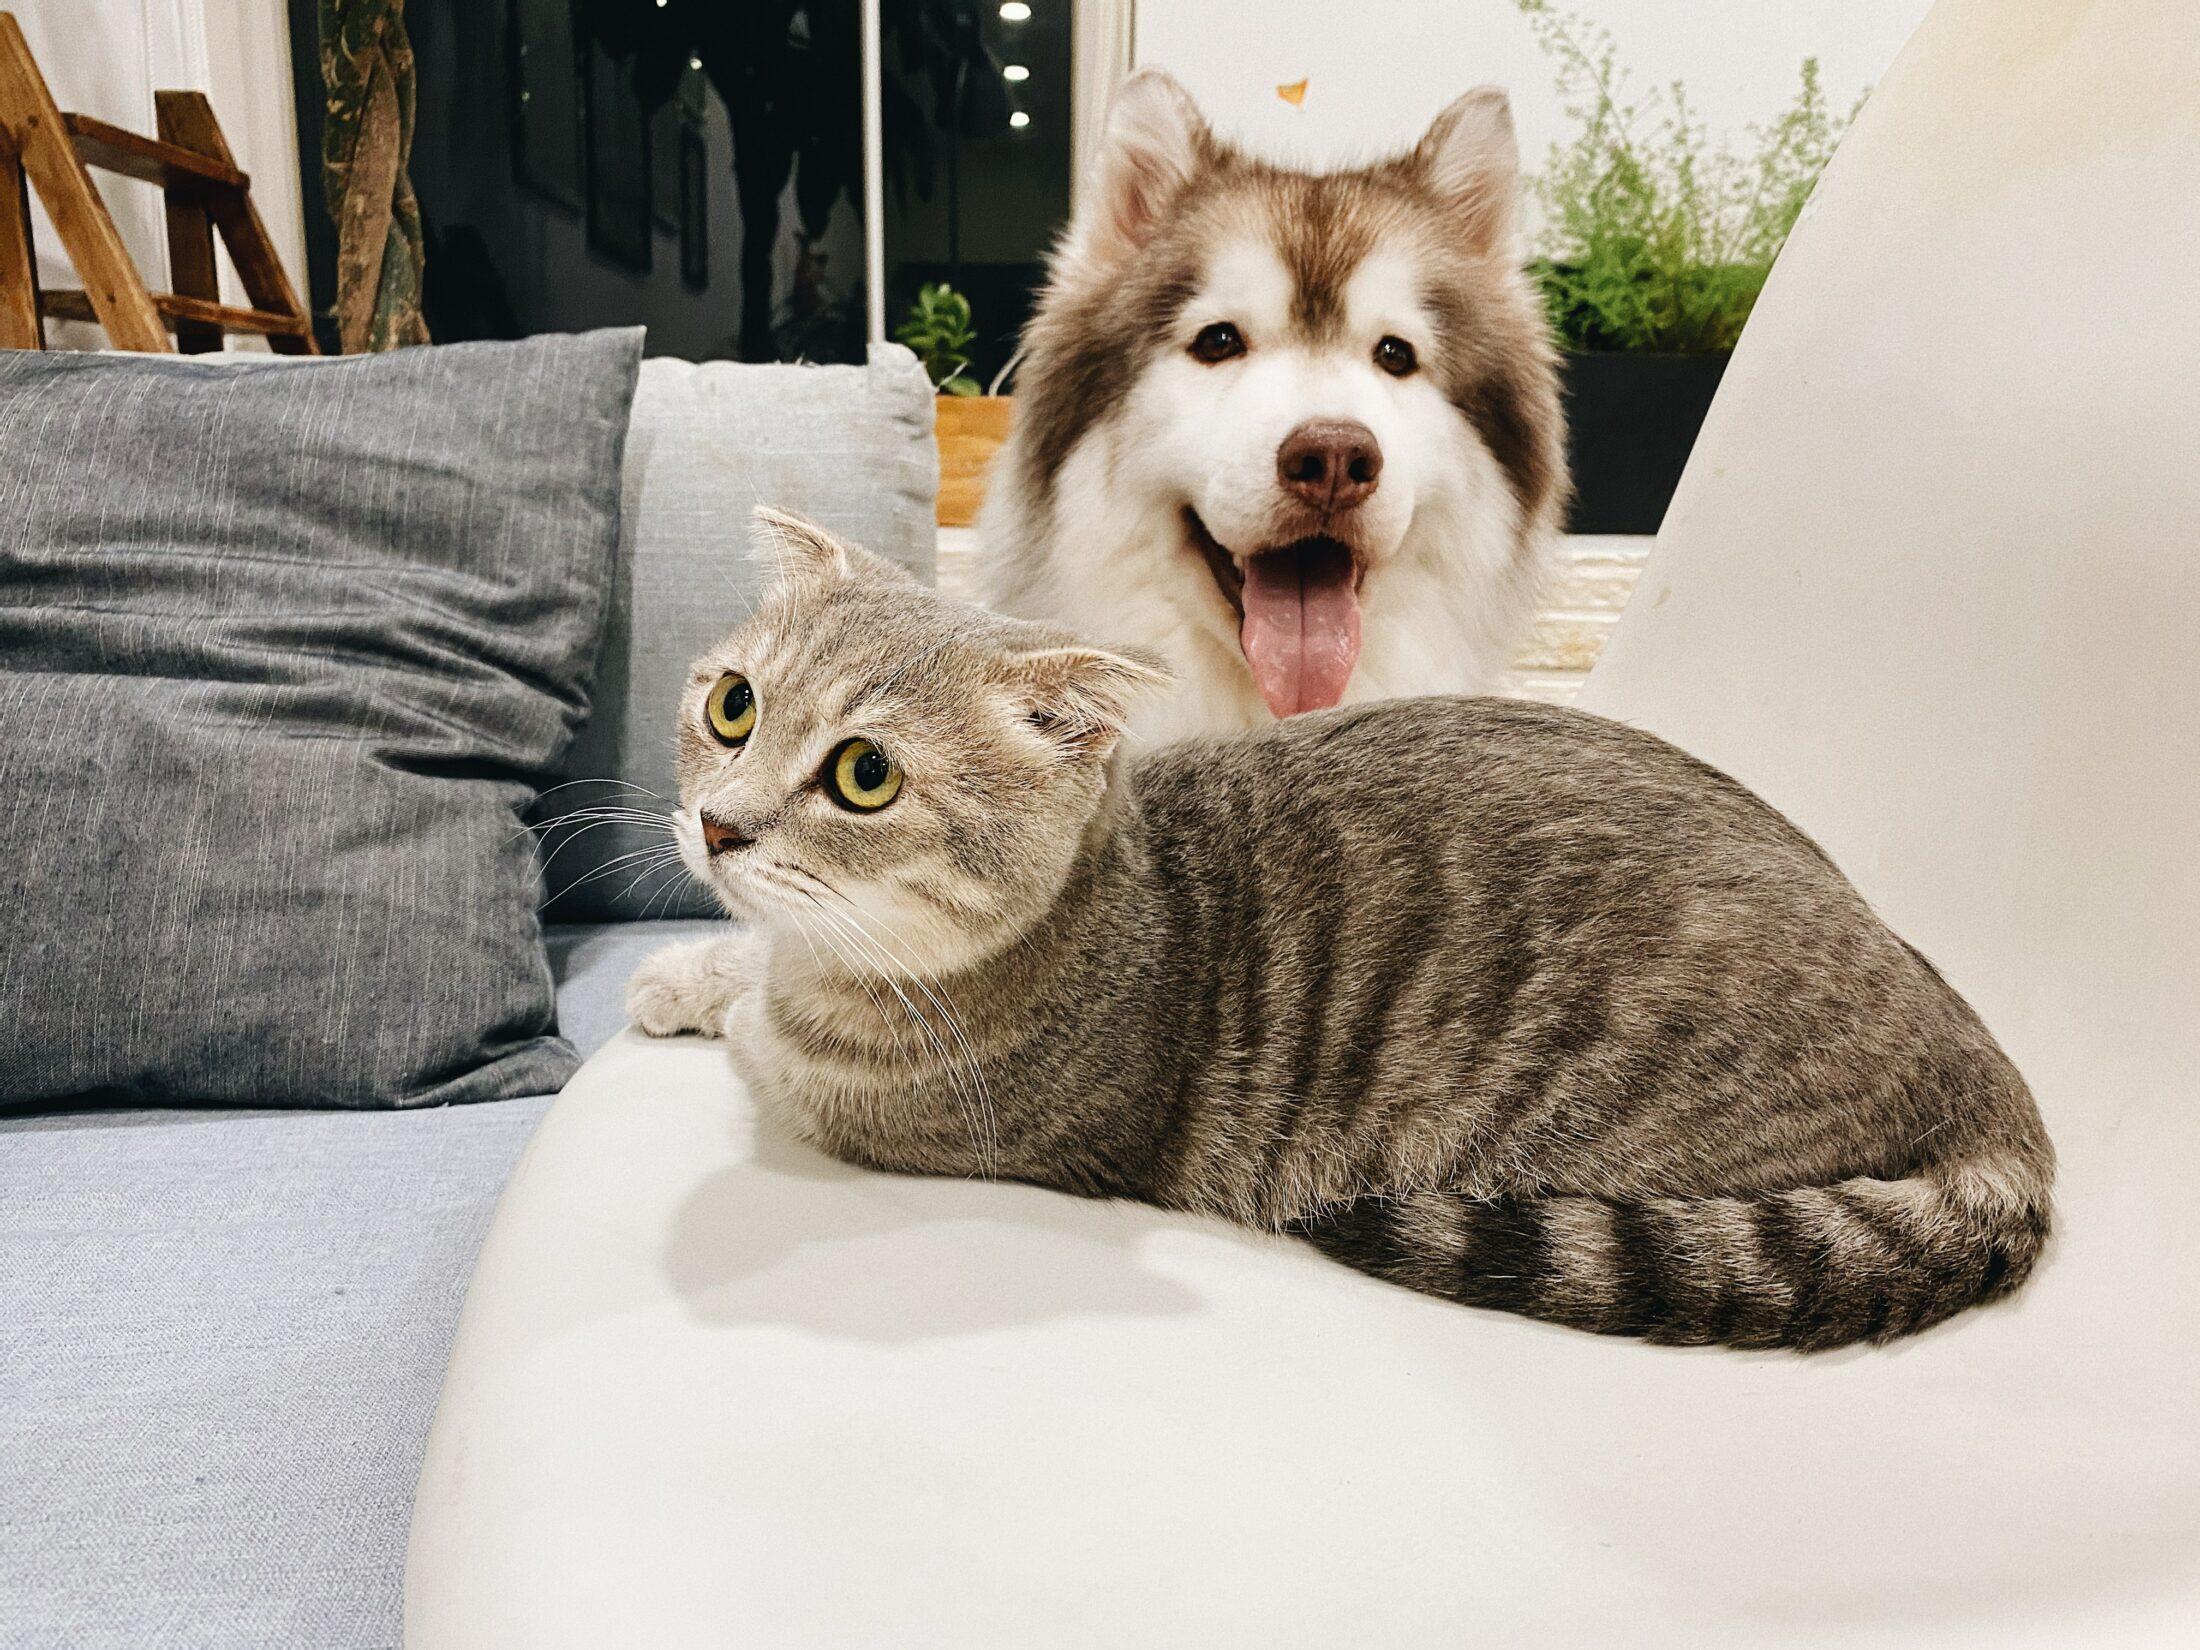 gato e husky juntos no sofá